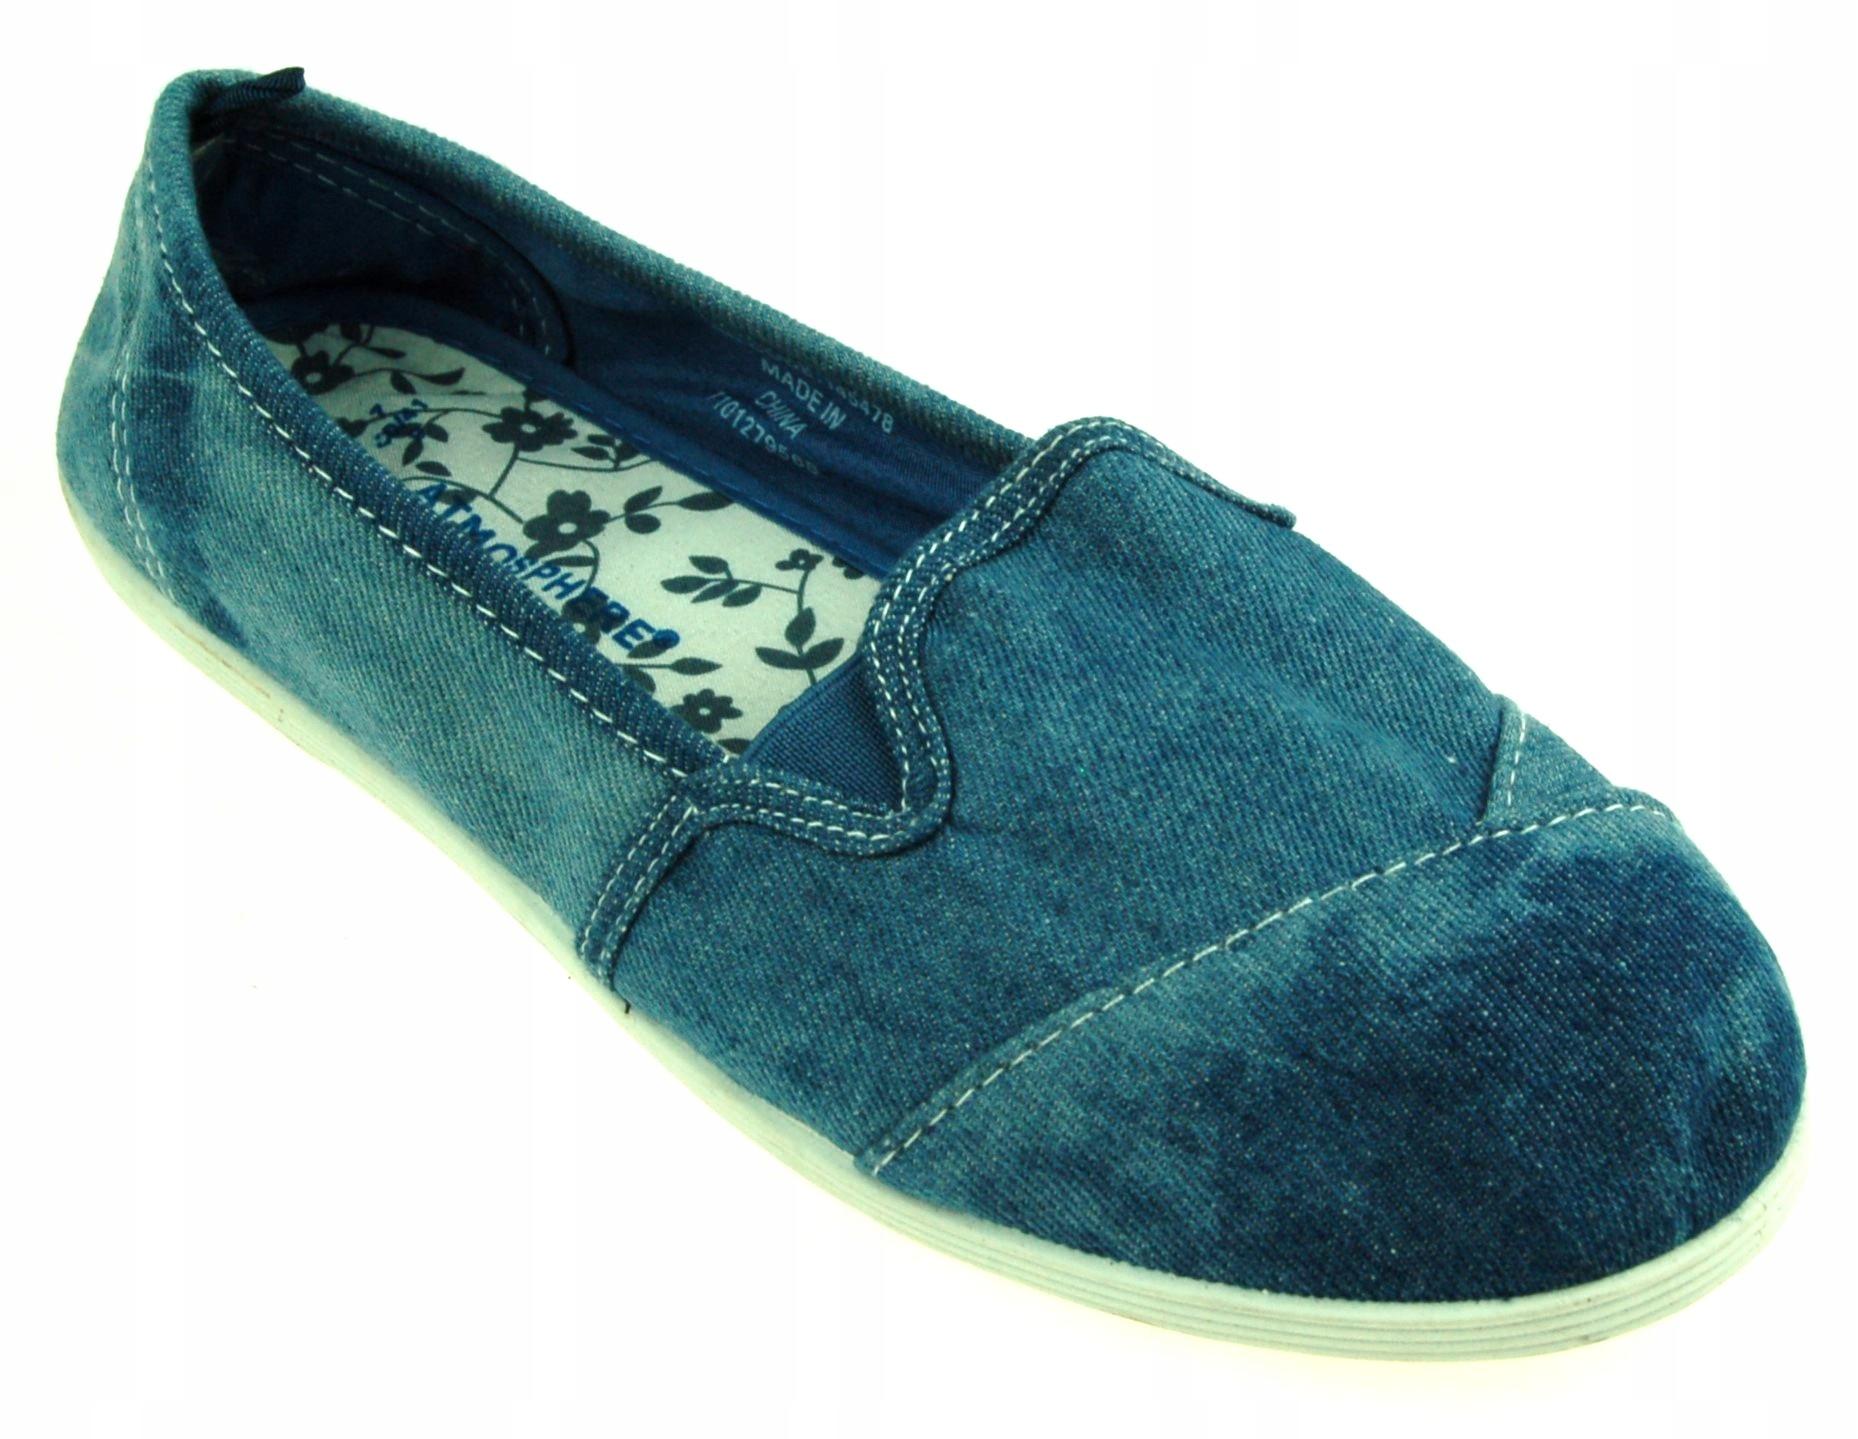 ATMOSPHERE 40 DAMSKIE trampki jeans slip-on 4S1792